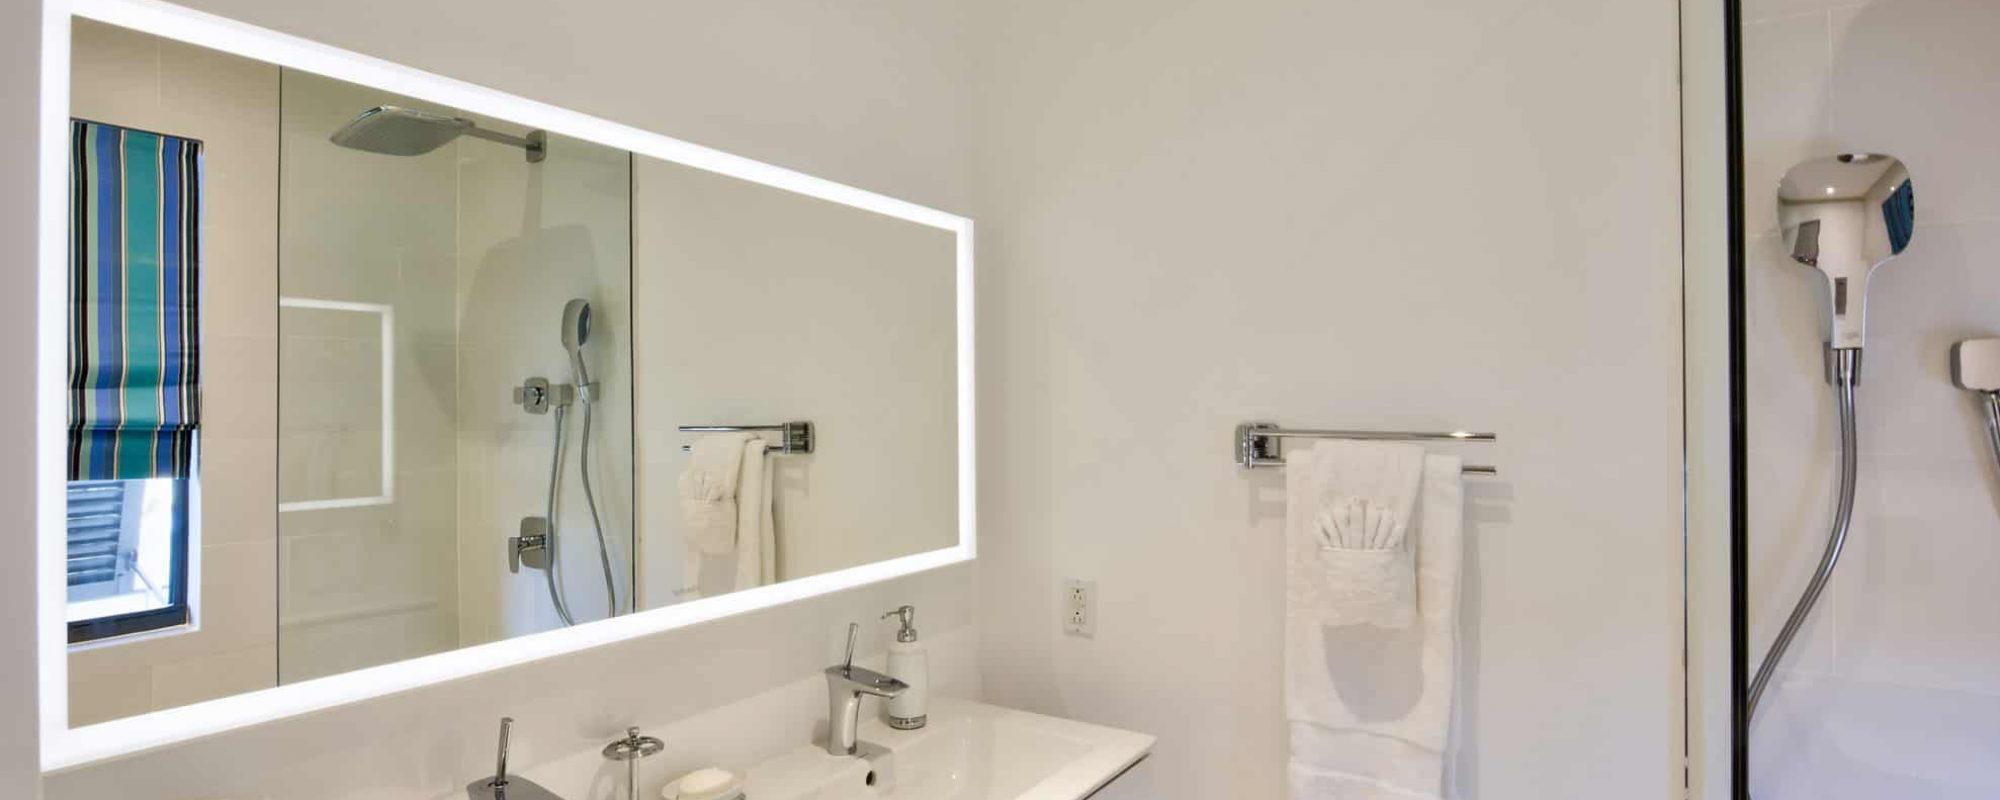 37-guestroom-bathroom-A